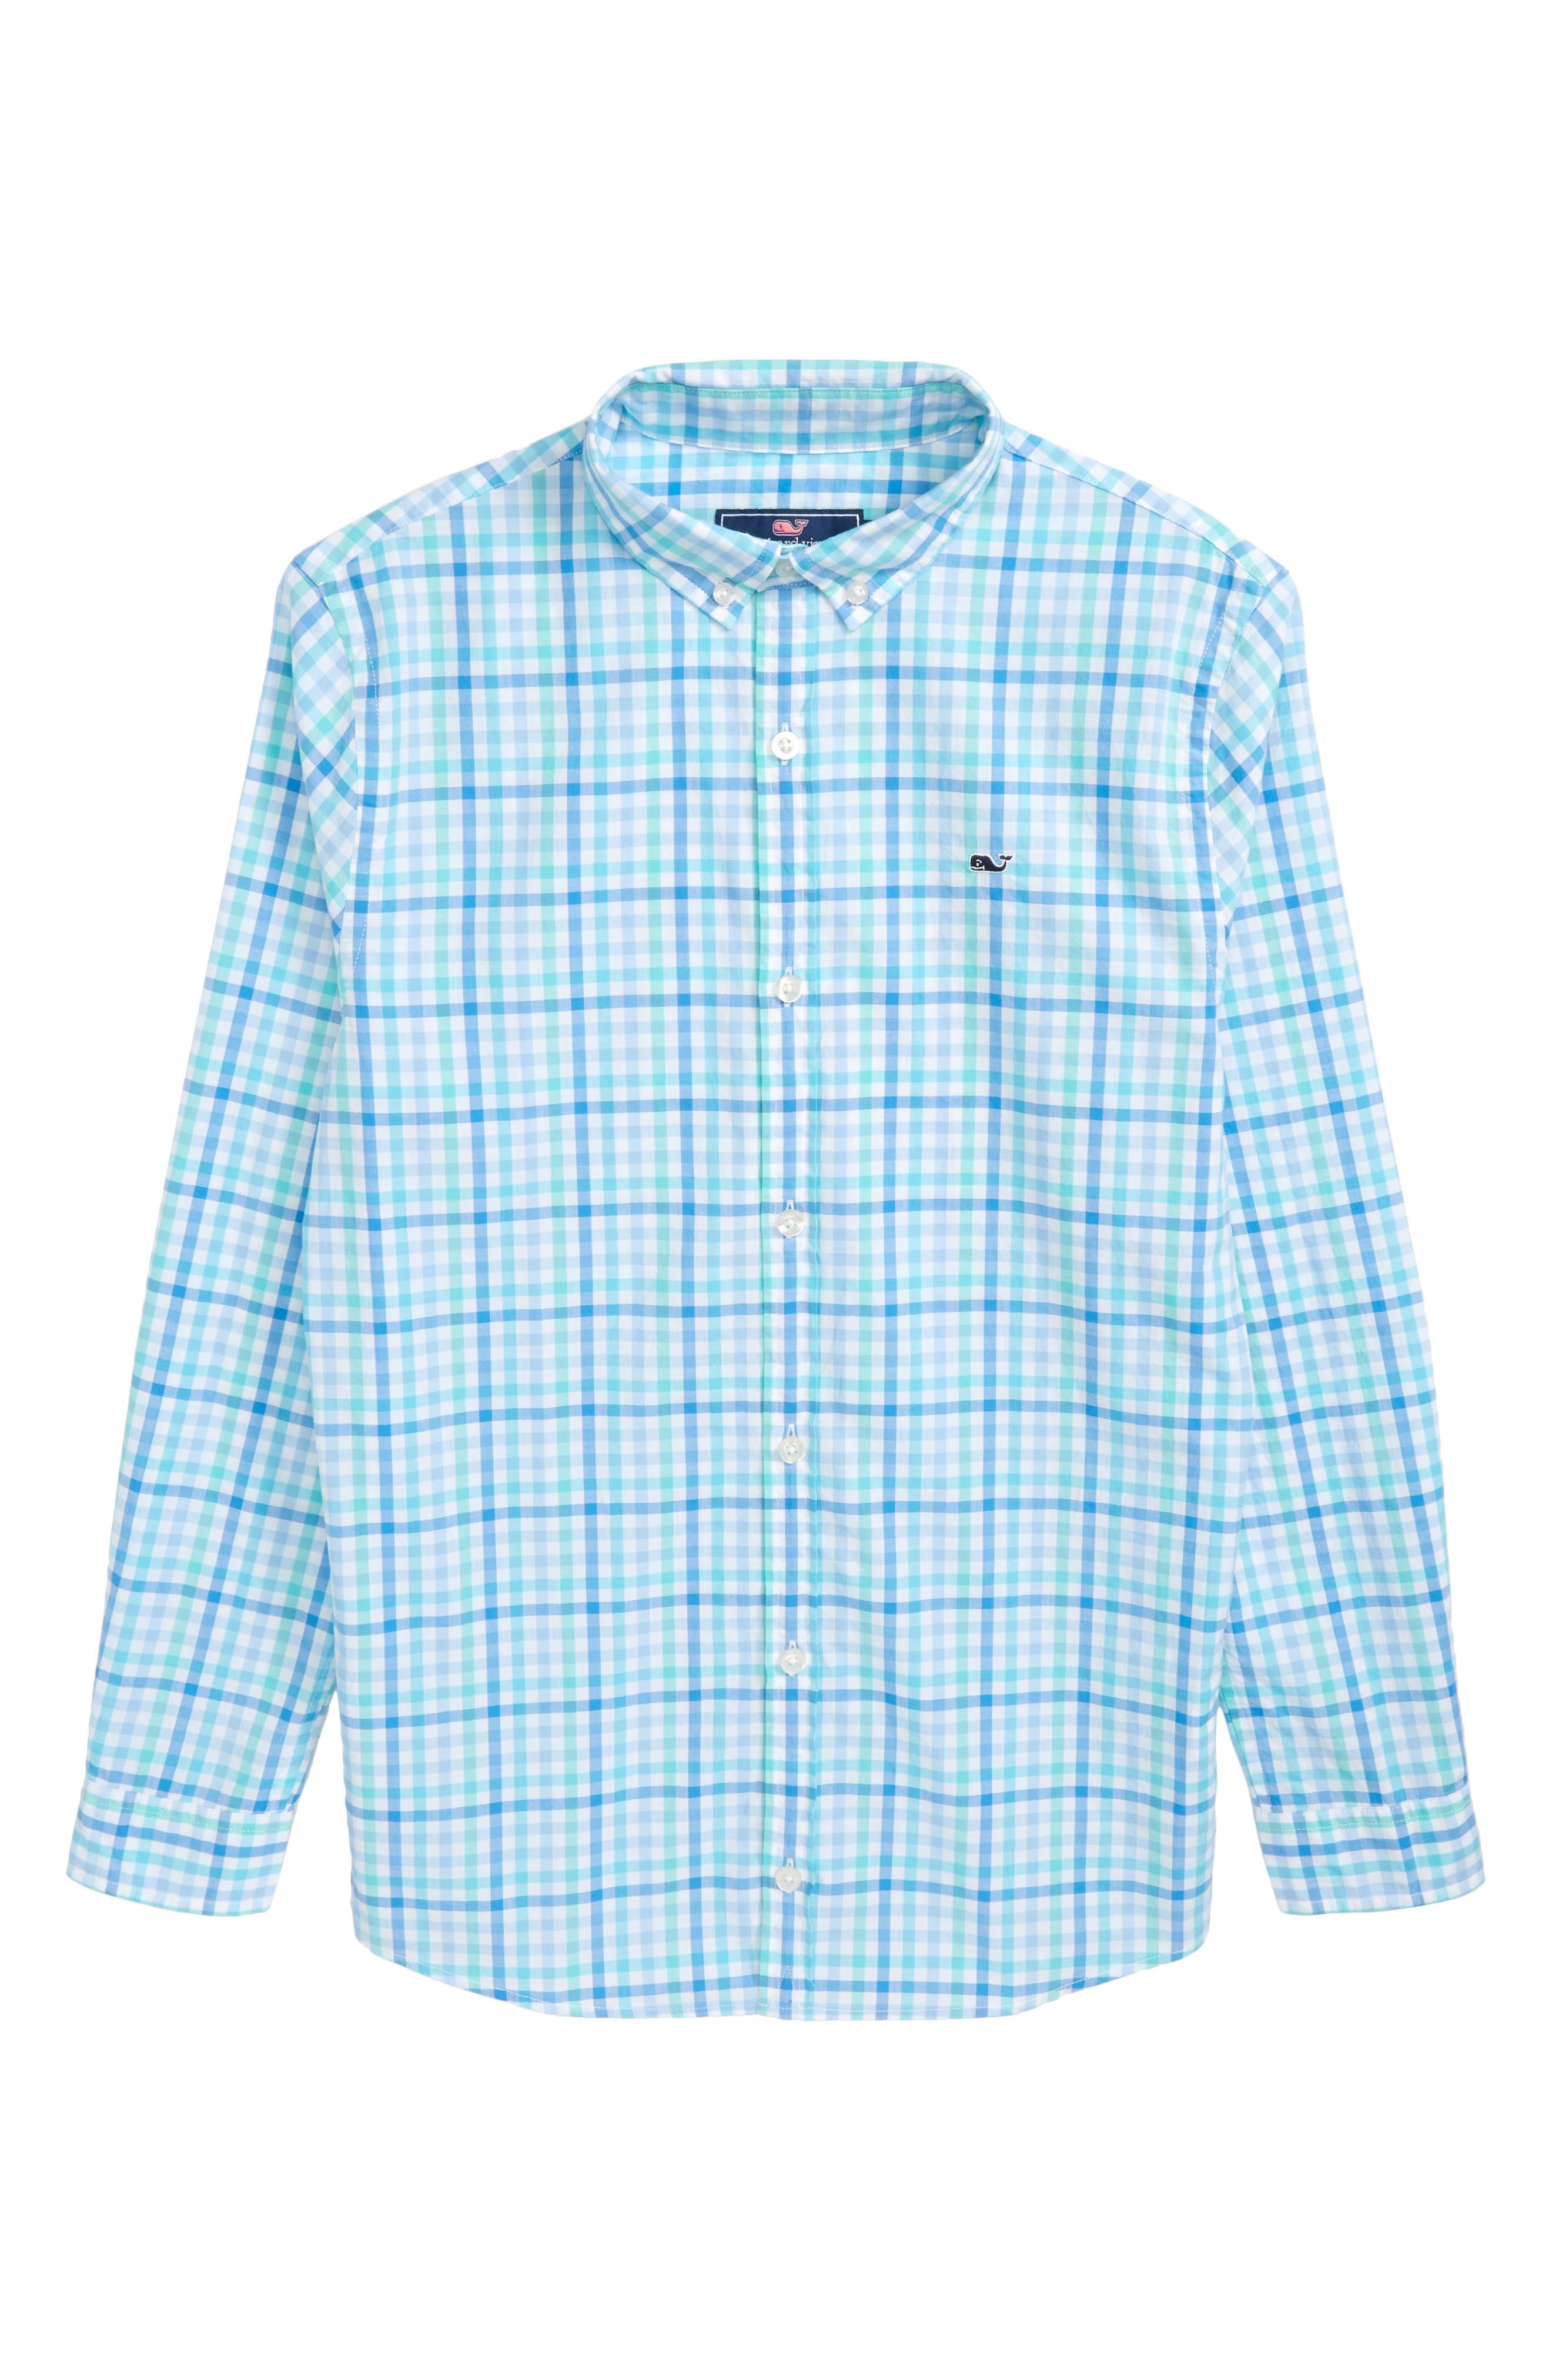 Guana Cay Gingham Check Woven Shirt,                             Main thumbnail 1, color,